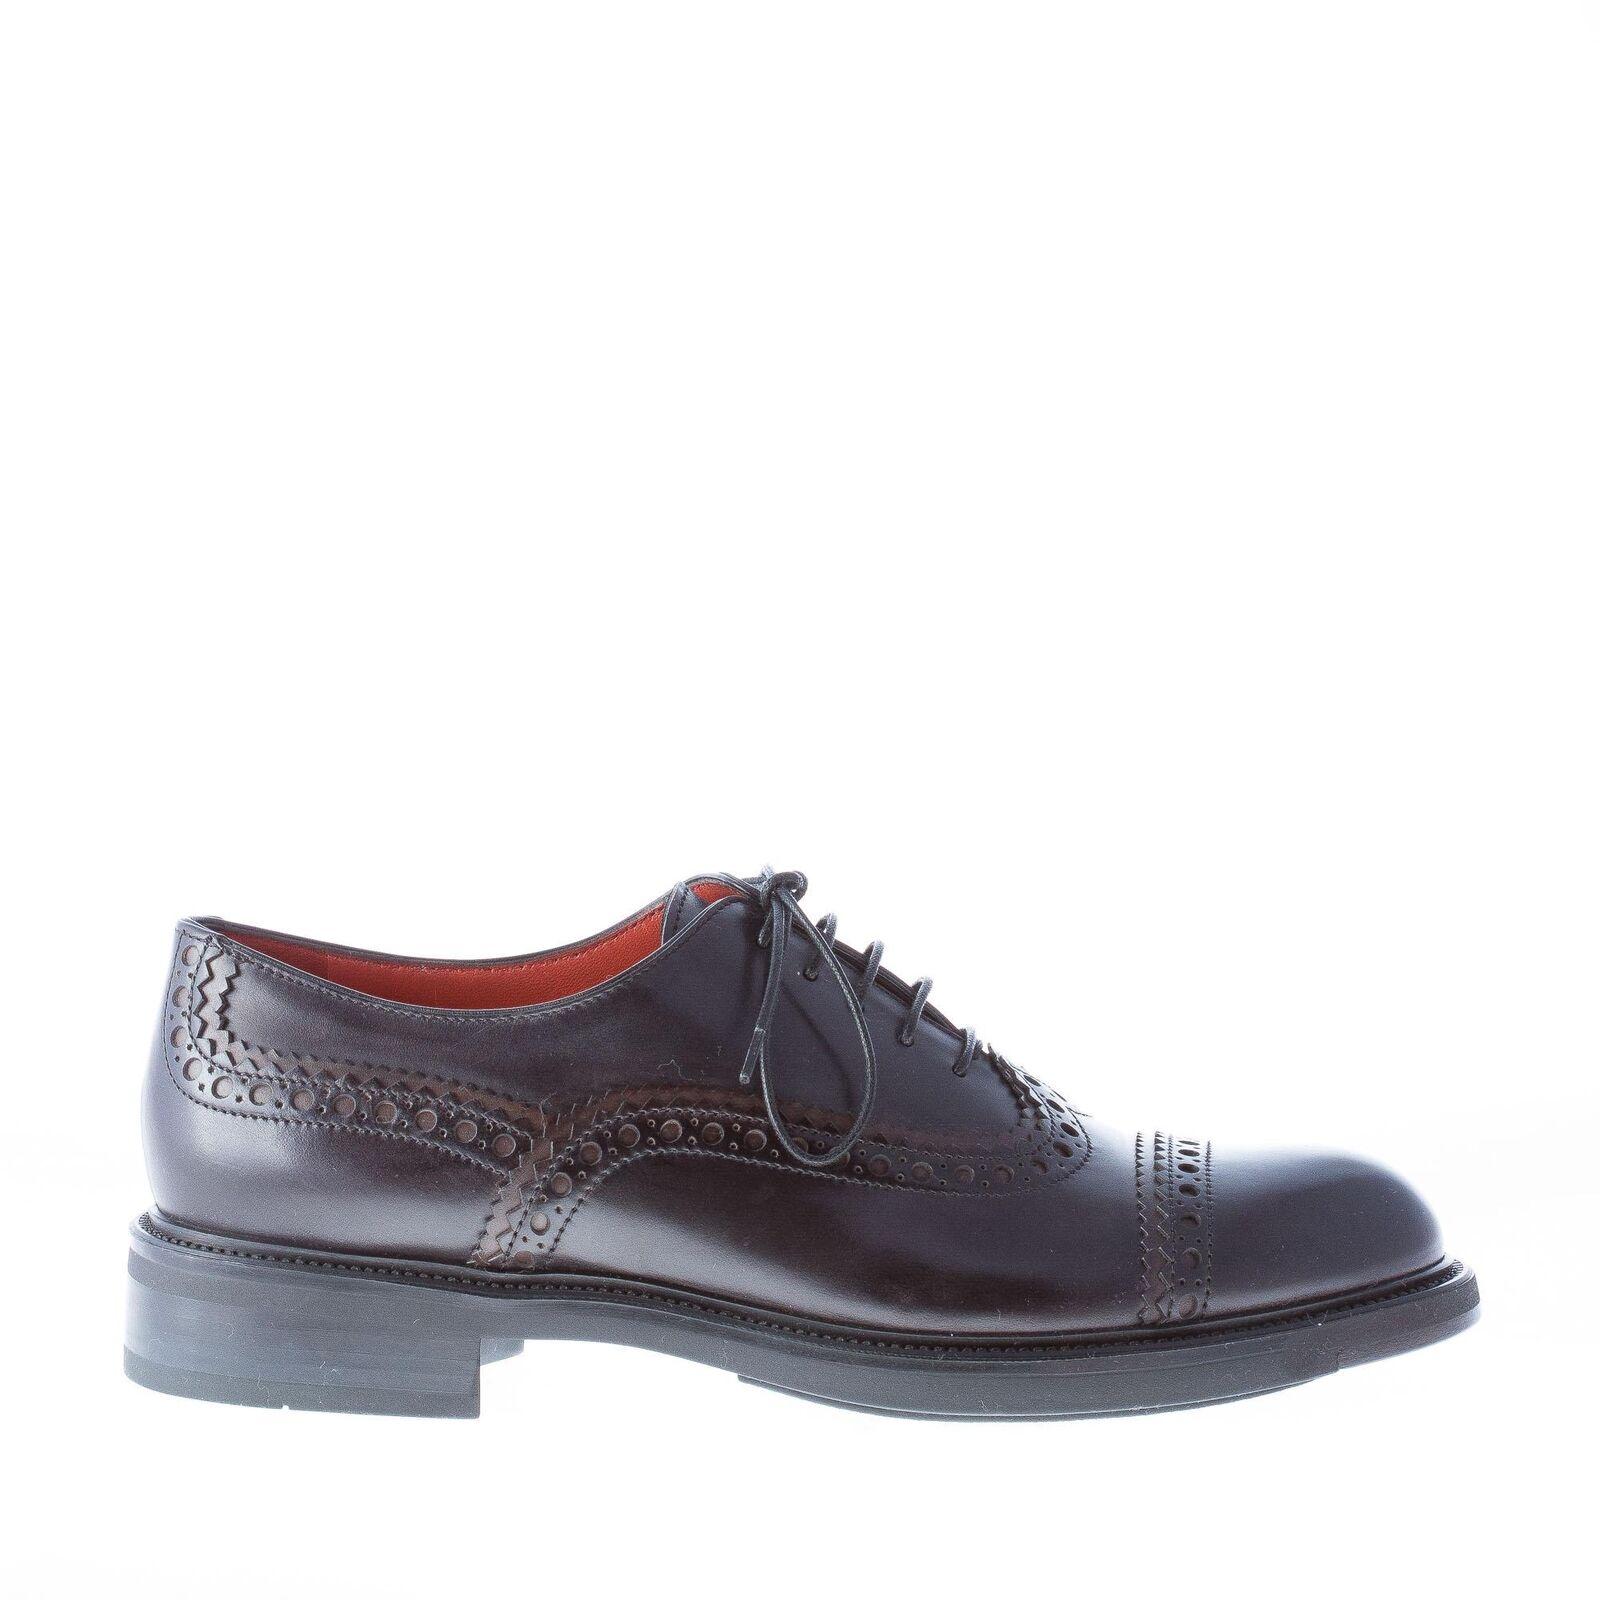 SANTONI scarpe donna spazzolato shoes francesina in vitello spazzolato donna nero coda di rondine 7e4e6f